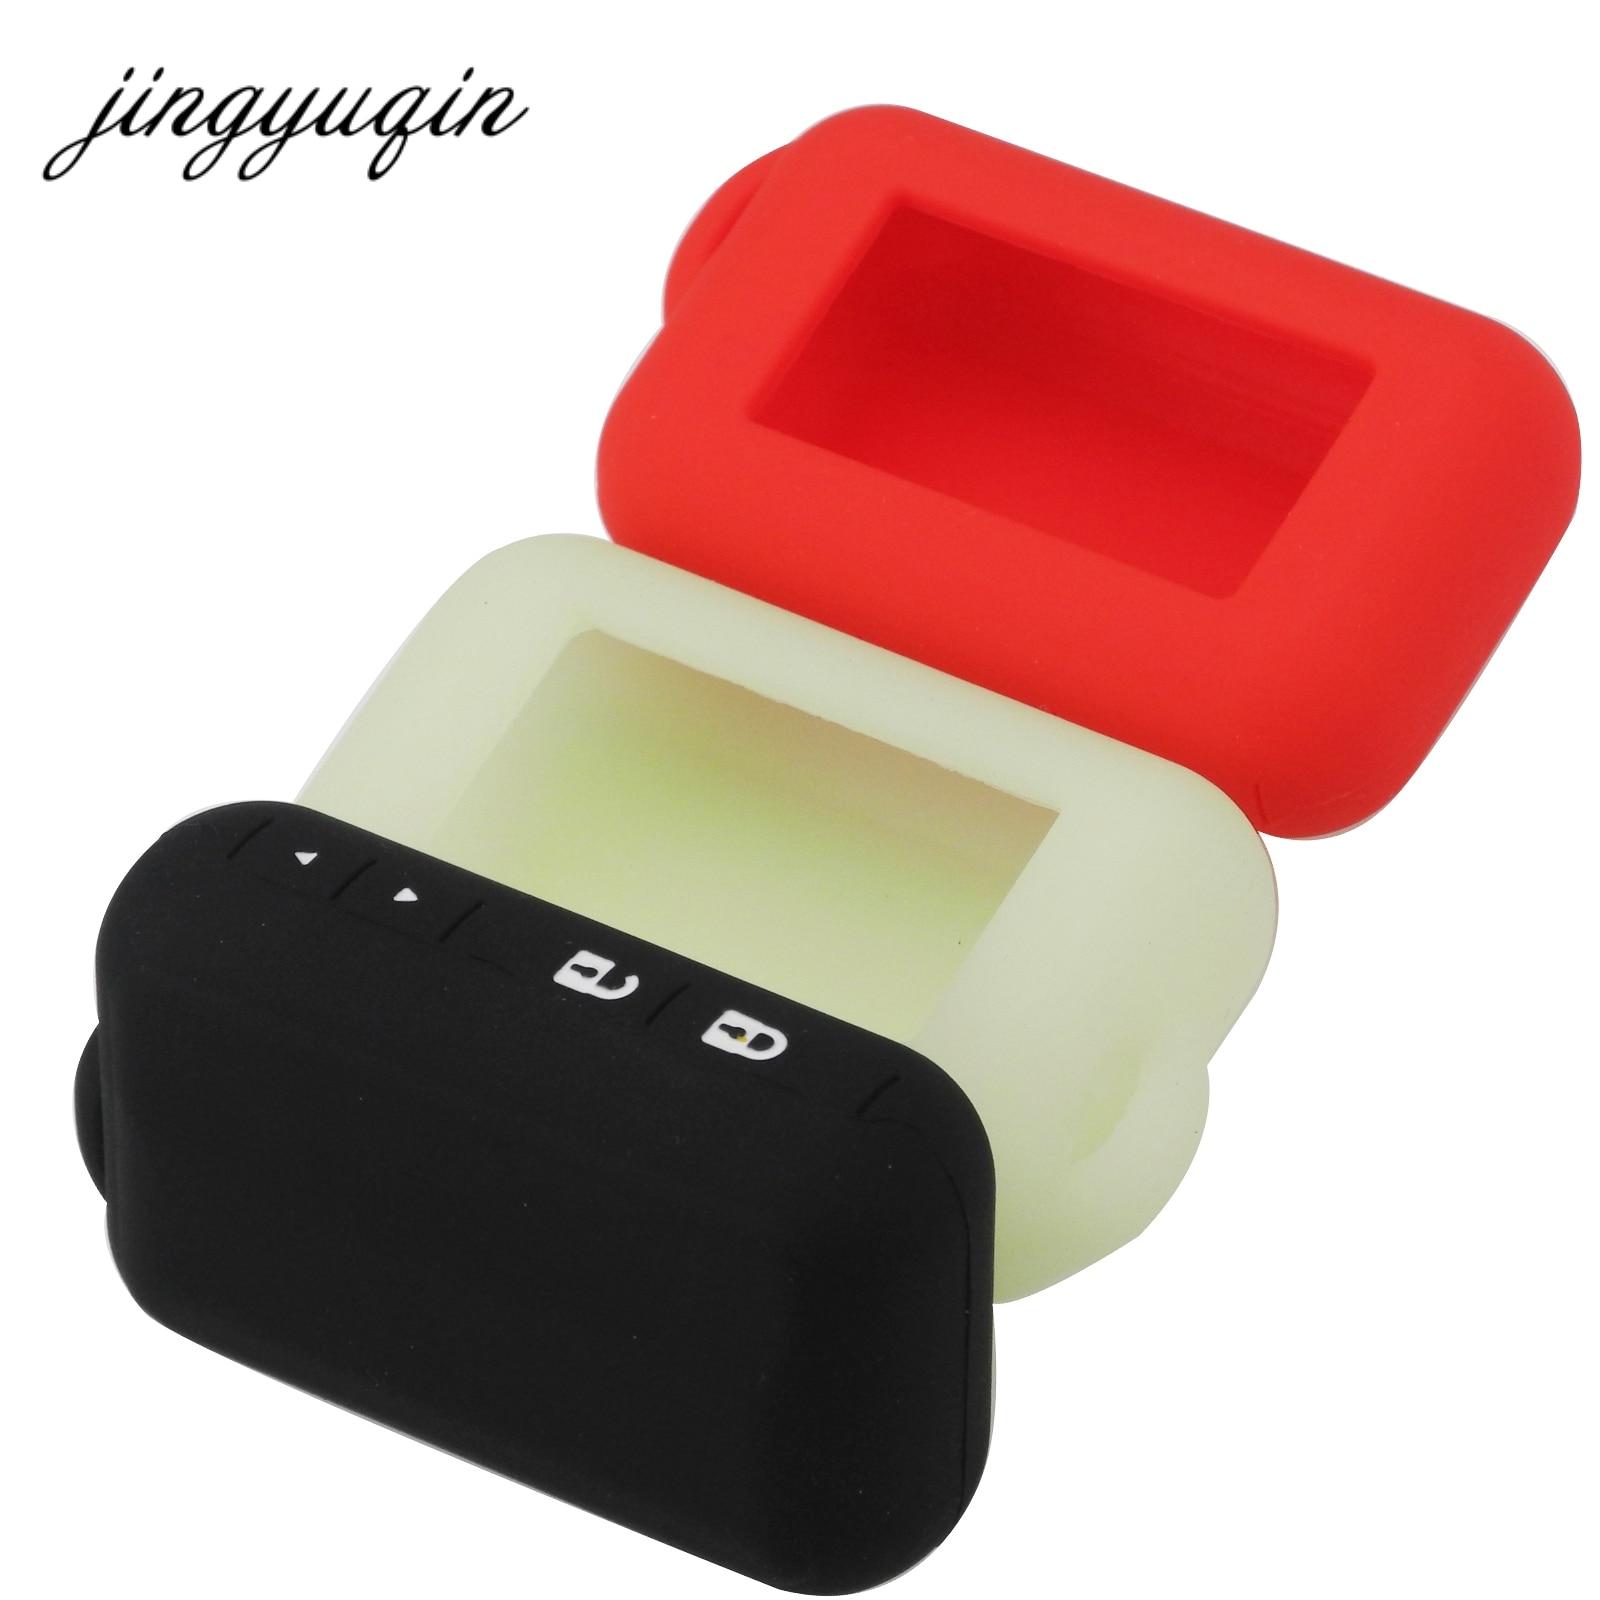 Jingyuqin Silicone Case For Starline E60 E90 E61 Two Way Car Remote 2-way LCD Keychain Fob Cover